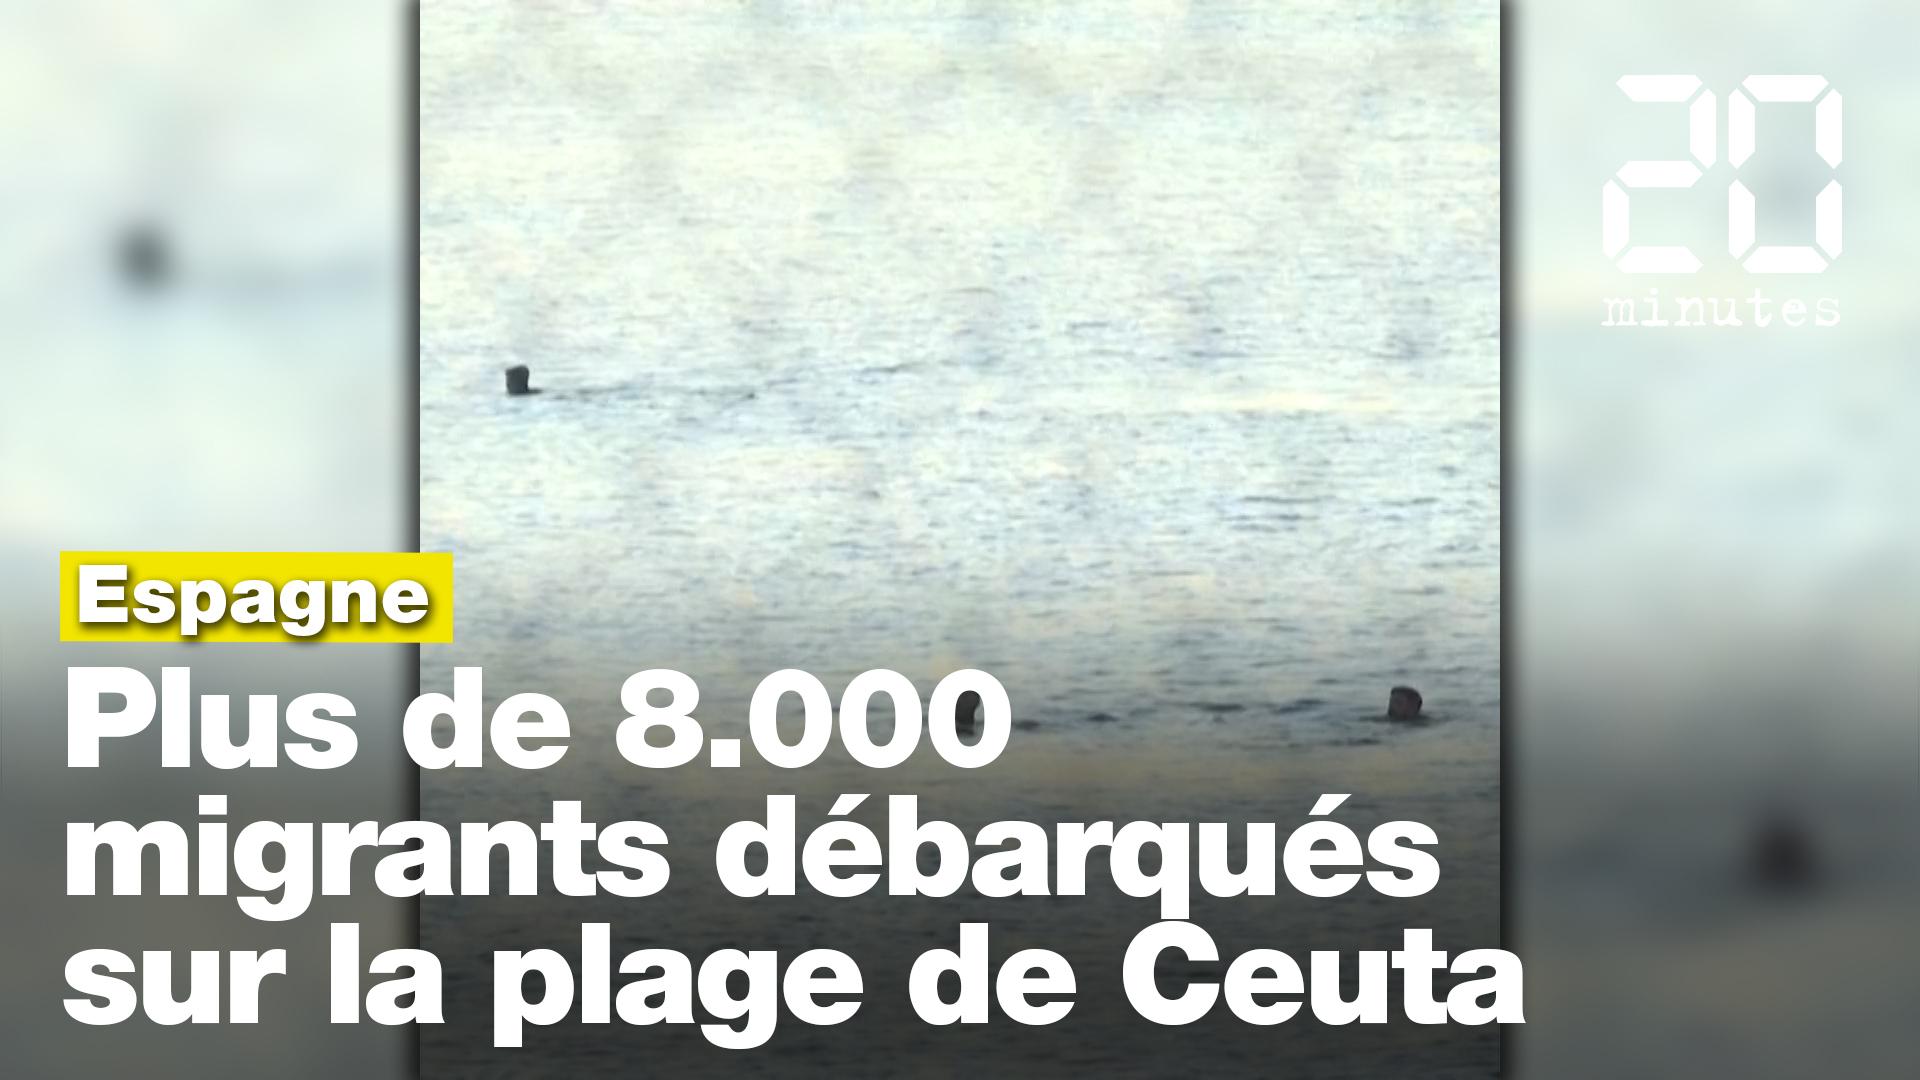 Près de 8.000 migrants ont émergé sur la plage de l'enclave espagnole Ceuta